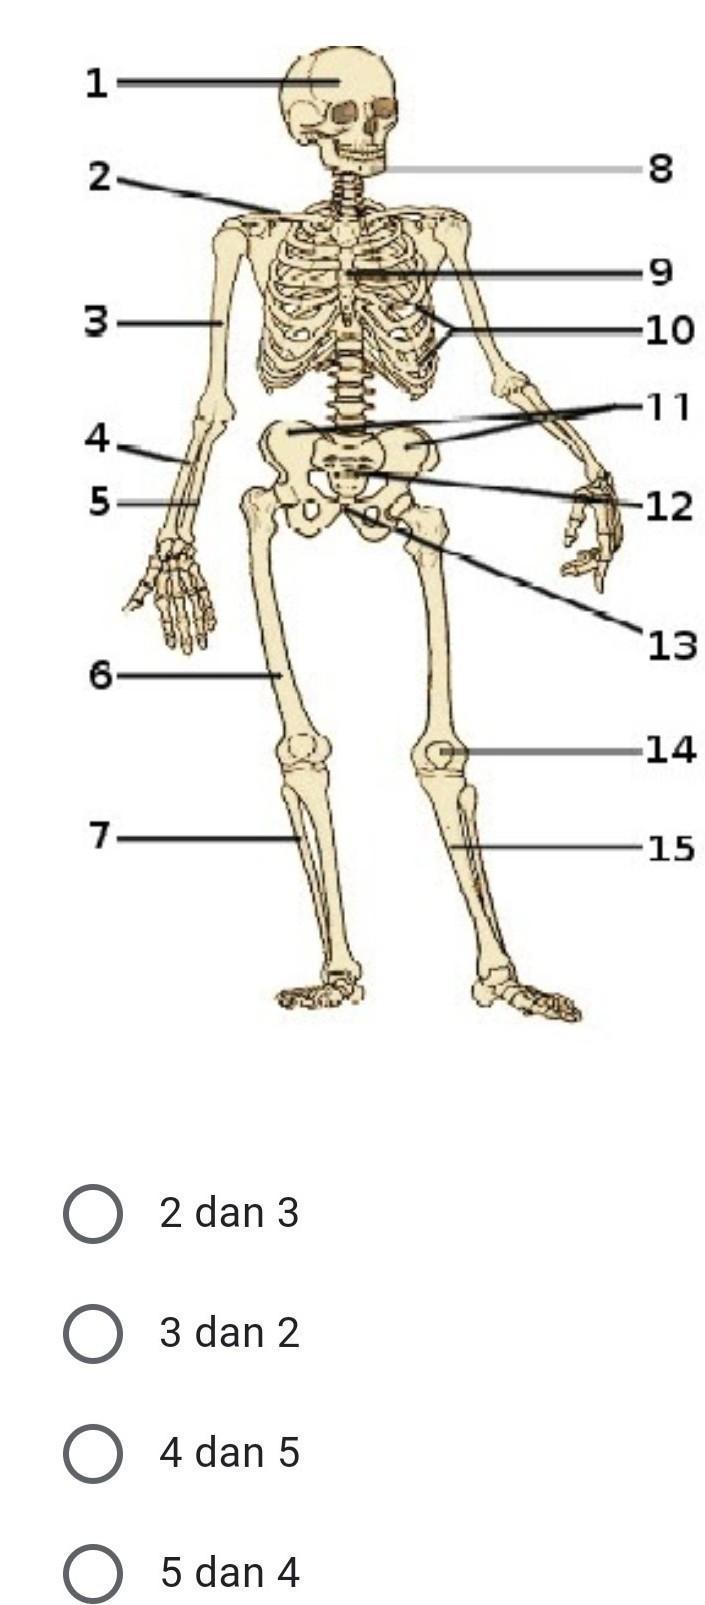 Tulang Hasta Dan Pengumpil : tulang, hasta, pengumpil, Tulang, Hasta, Pengumpil, Ditunjukkan, Nomor, Brainly.co.id